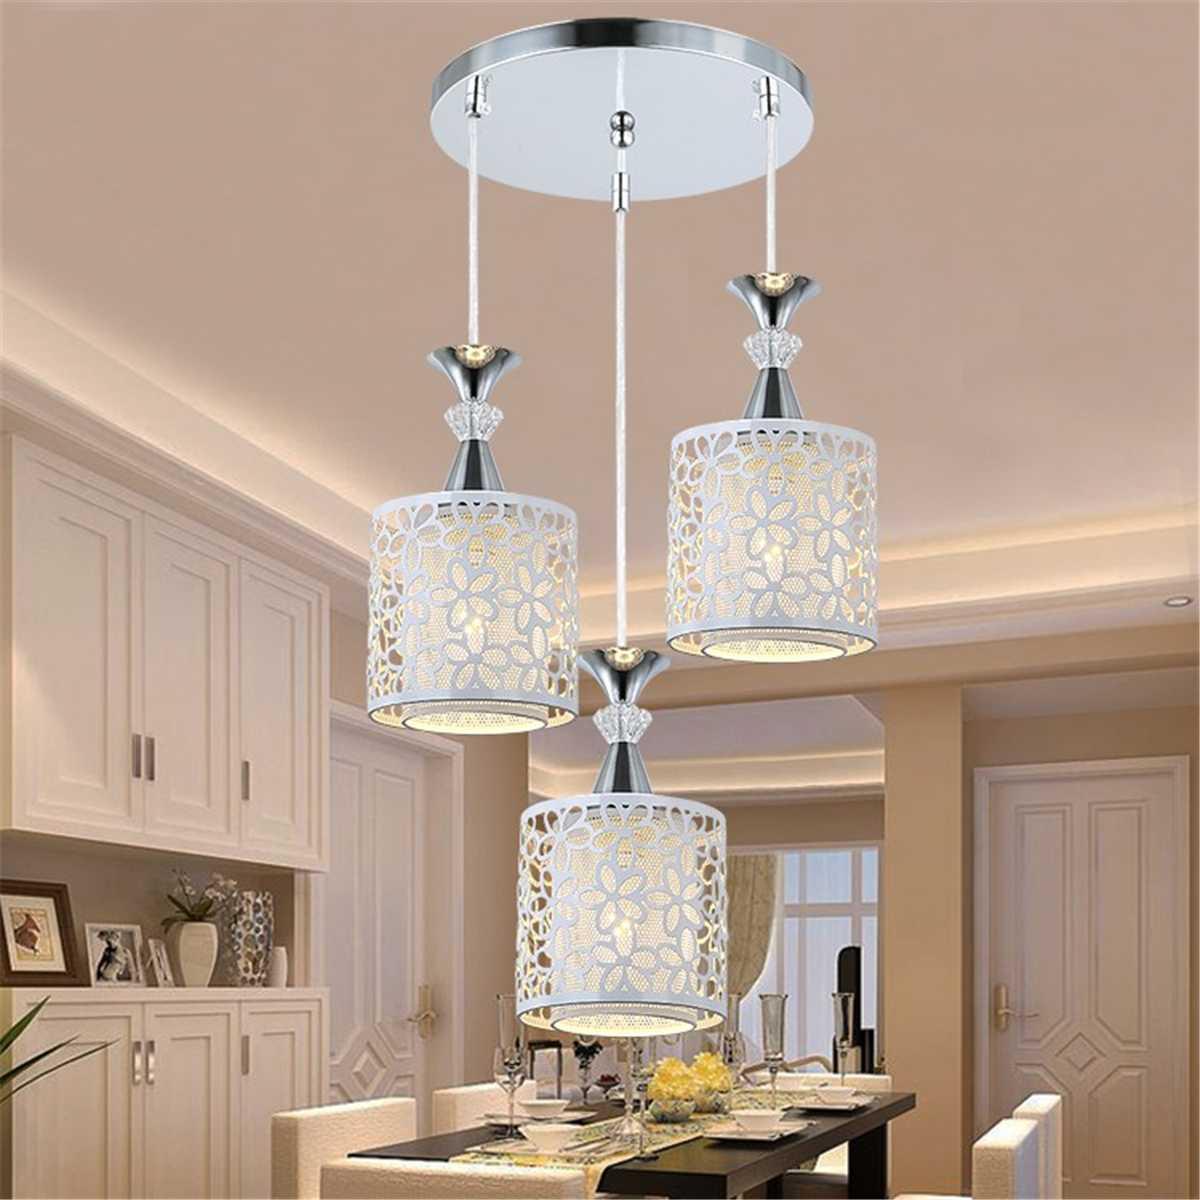 Moderne Kristall Decken Lampen LED Lampen Wohnzimmer Esszimmer Glas ...